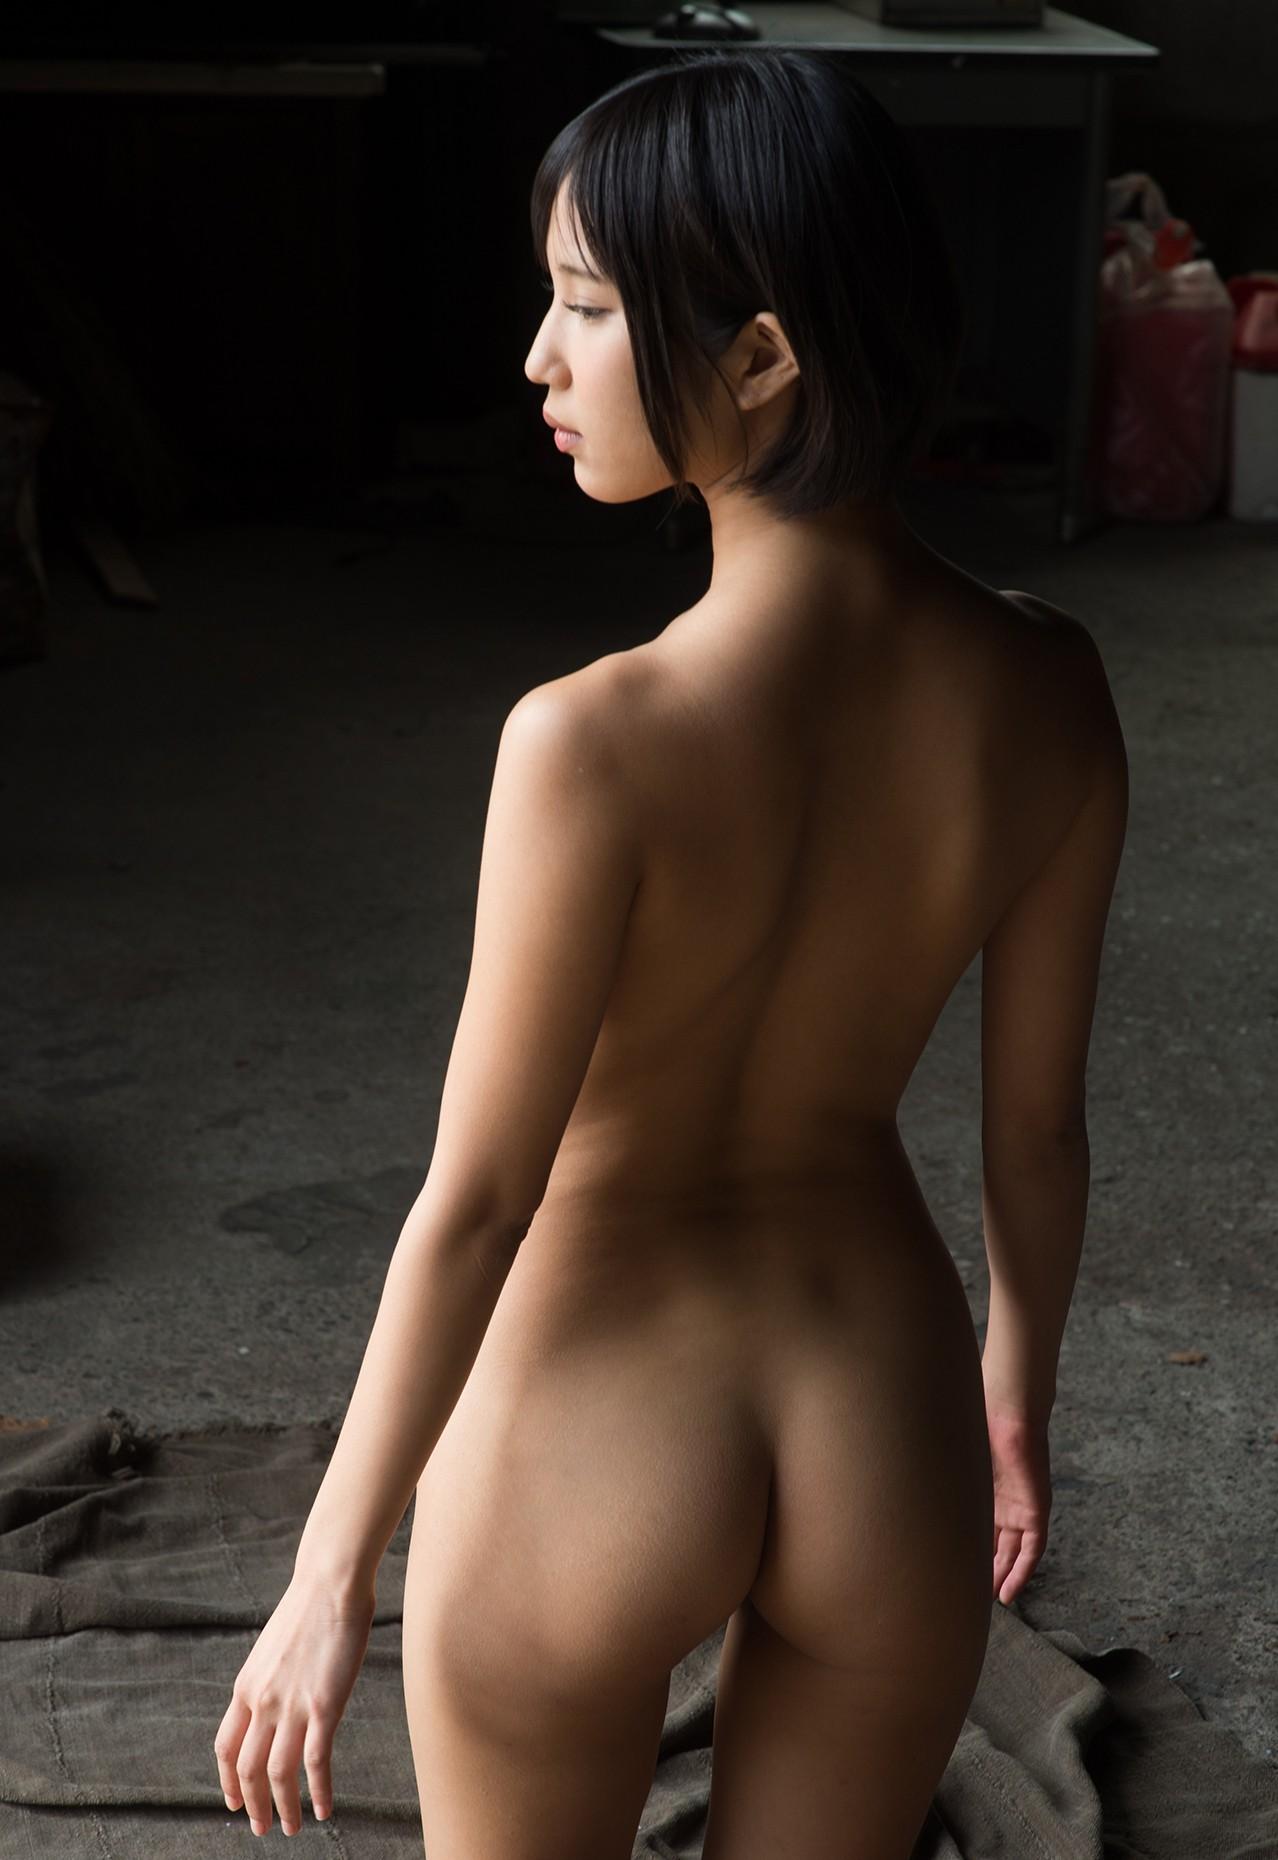 三次元 3次元 エロ画像 AV女優 湊莉久 ヌード べっぴん娘通信 010